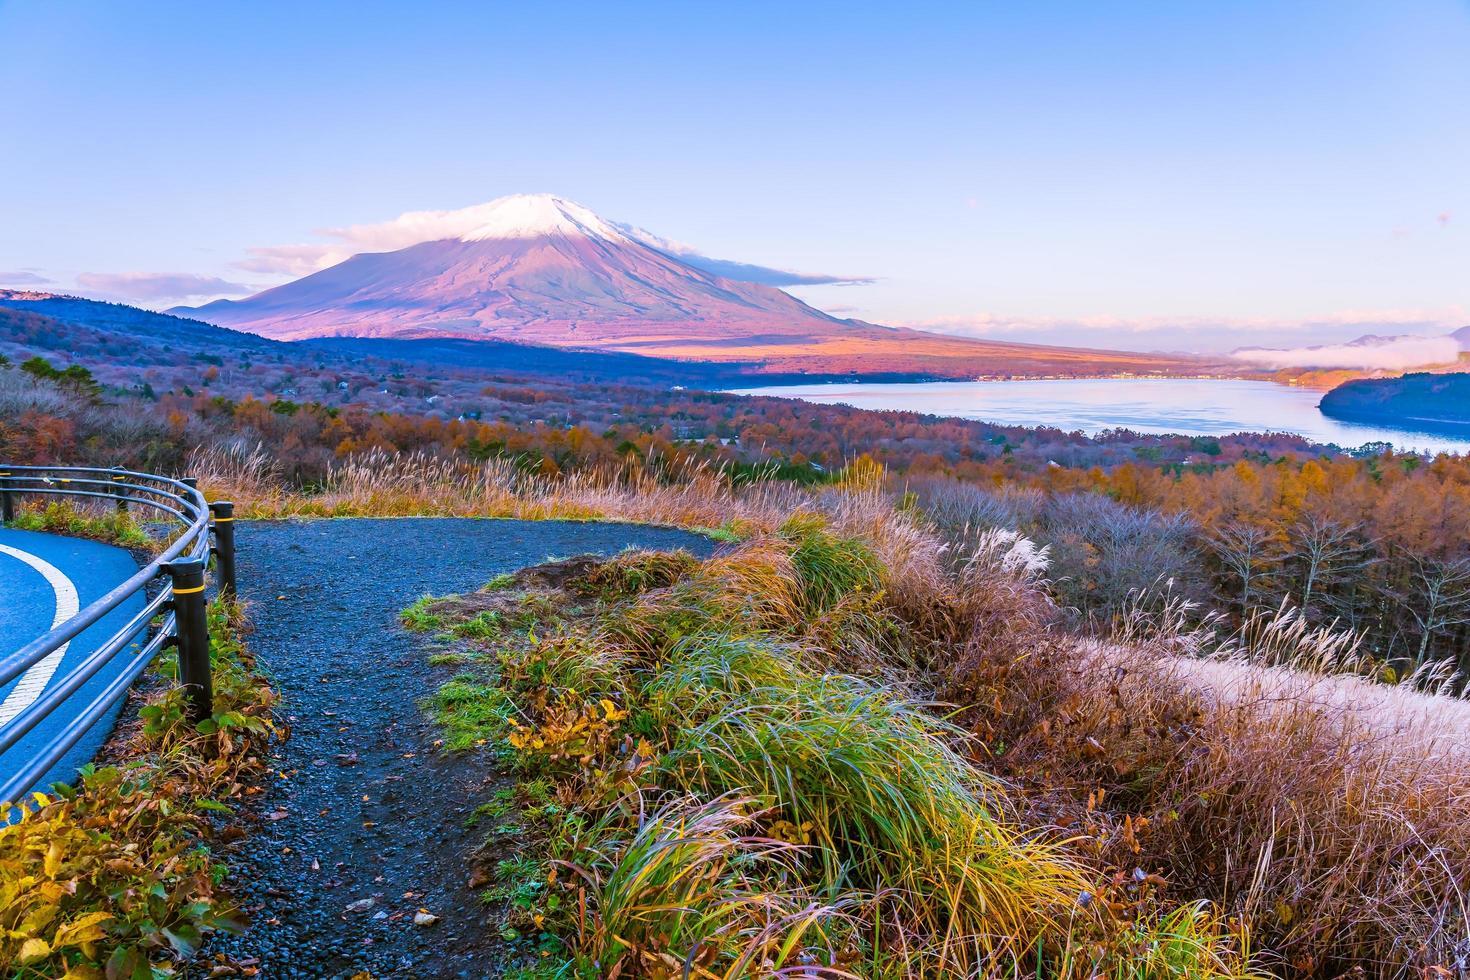 schöne Aussicht auf mt. Fuji am See Yamanakako, Japan foto